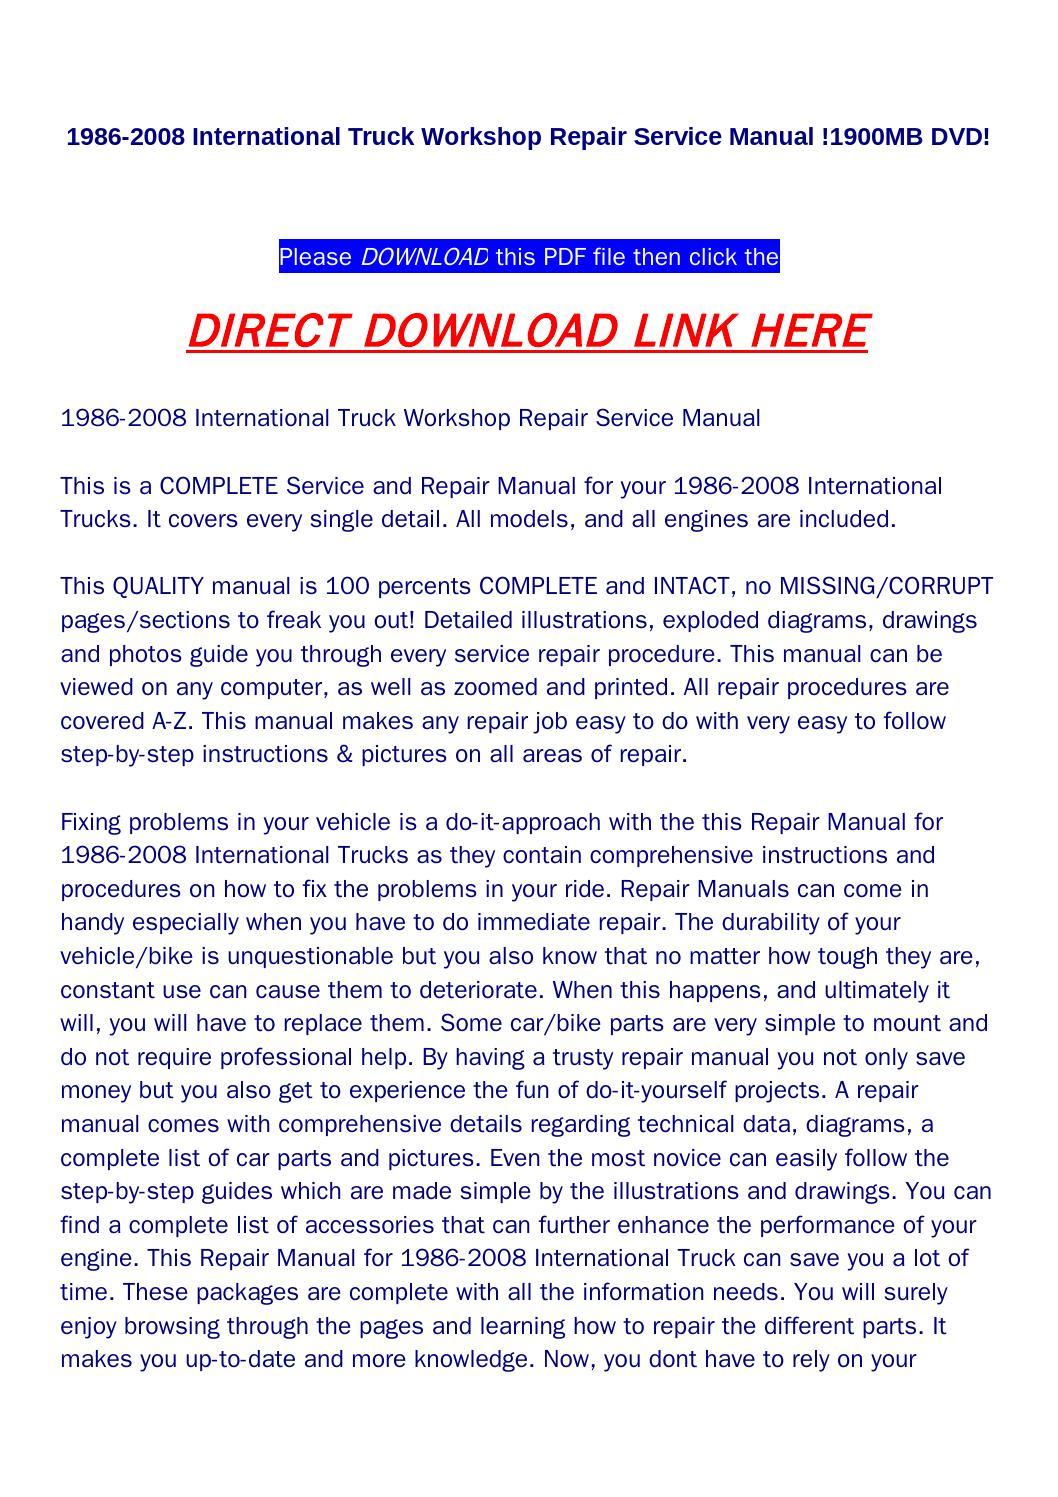 1986 2008 International Truck Workshop Repair Service Manual 1900mb 2006 8600 Wiring Diagram Dvd By Food Issuu